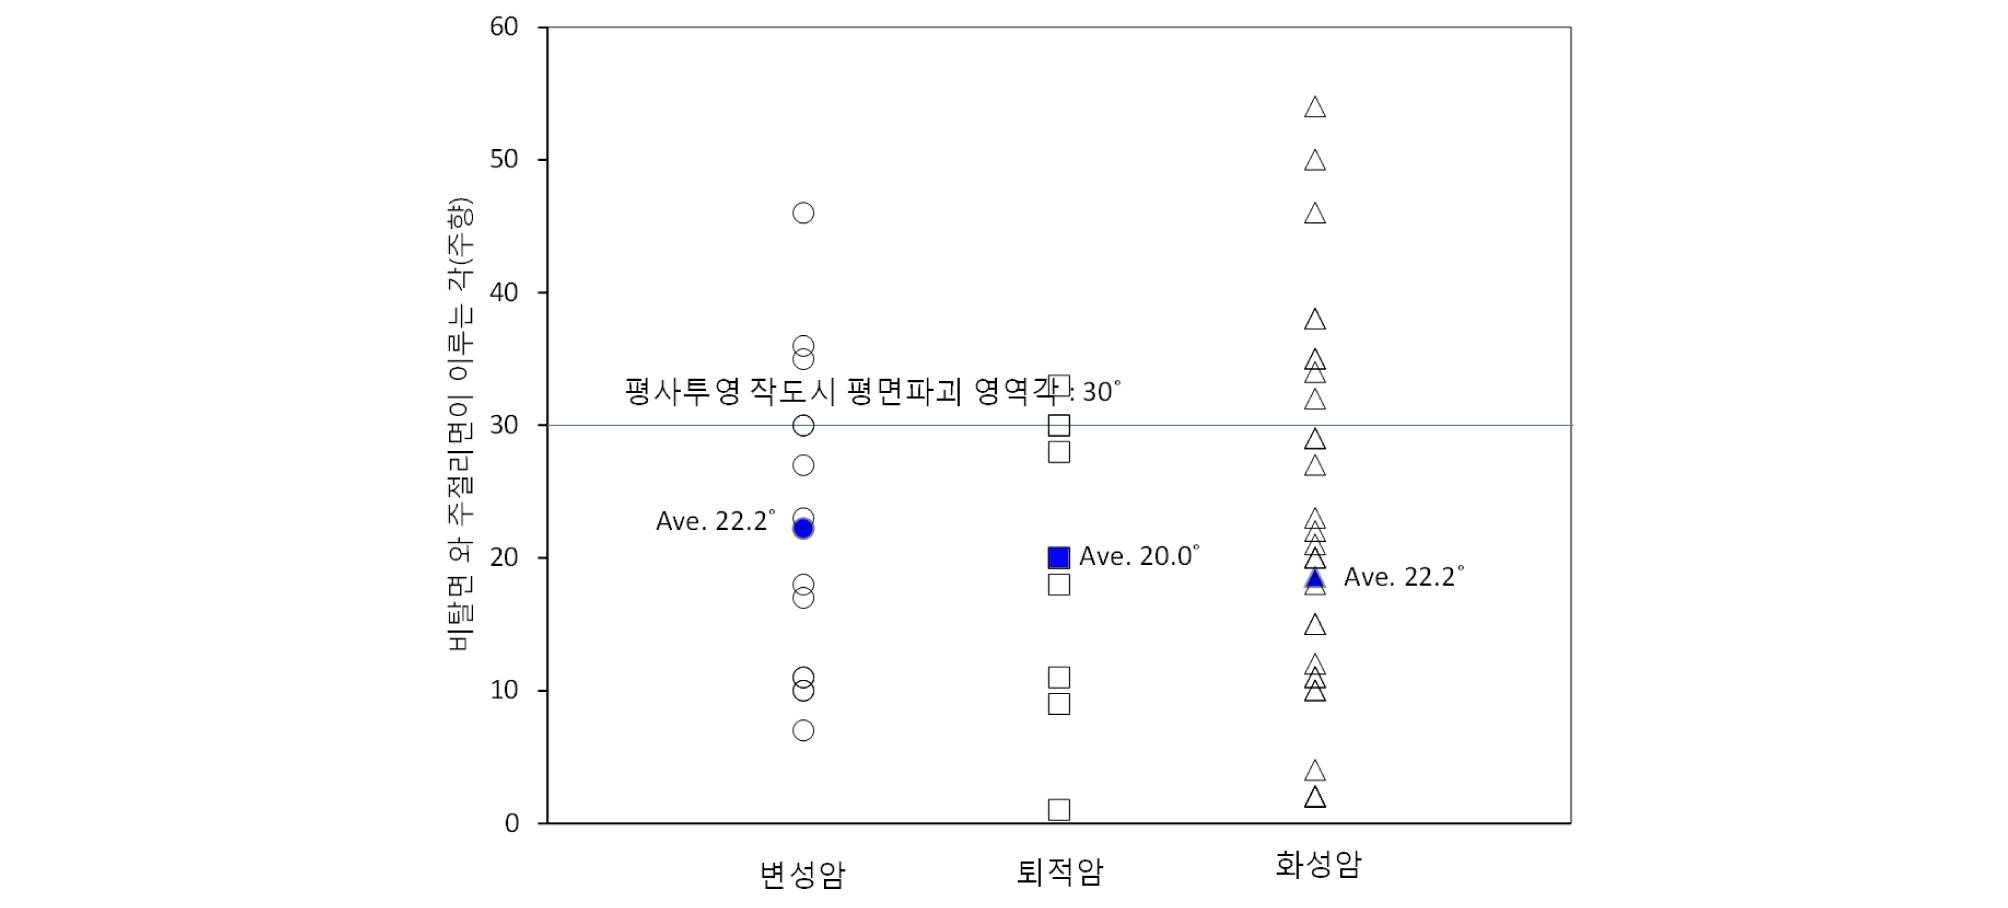 http://static.apub.kr/journalsite/sites/ksrm/2018-028-06/N0120280605/images/ksrm_28_06_05_F14.jpg